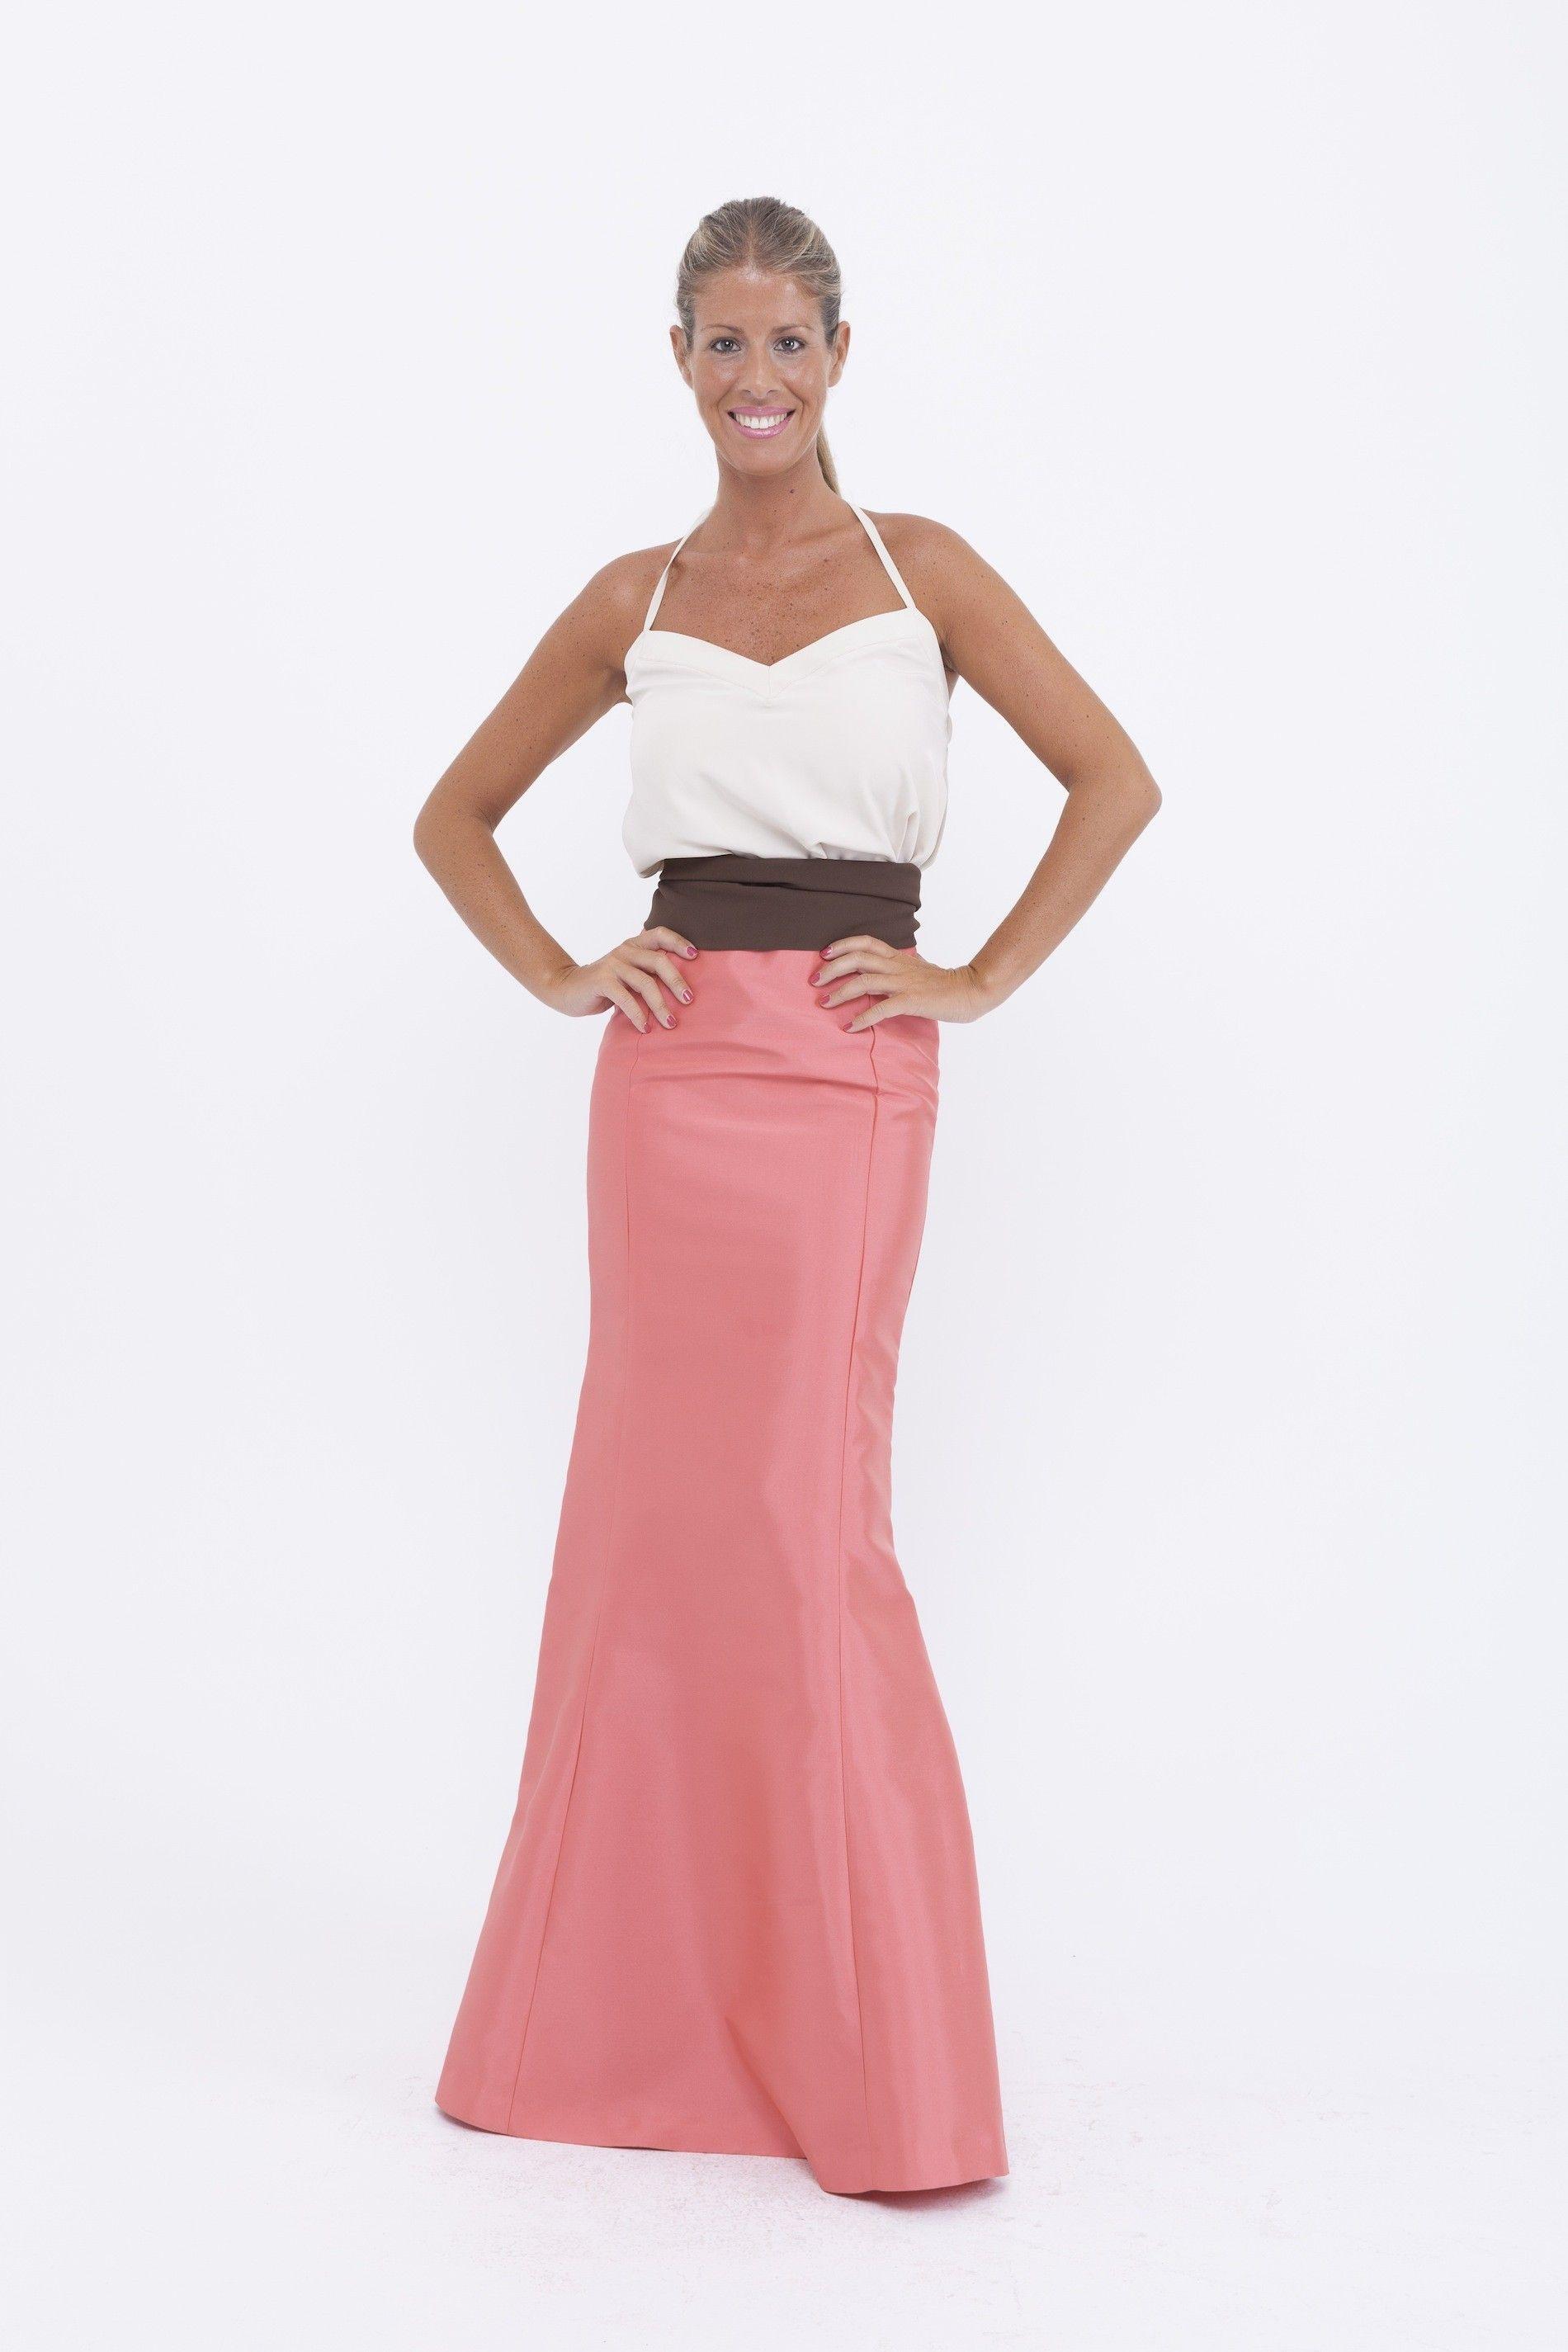 847724a78 que es una falda sirena - Buscar con Google | falda sirena | Faldas ...